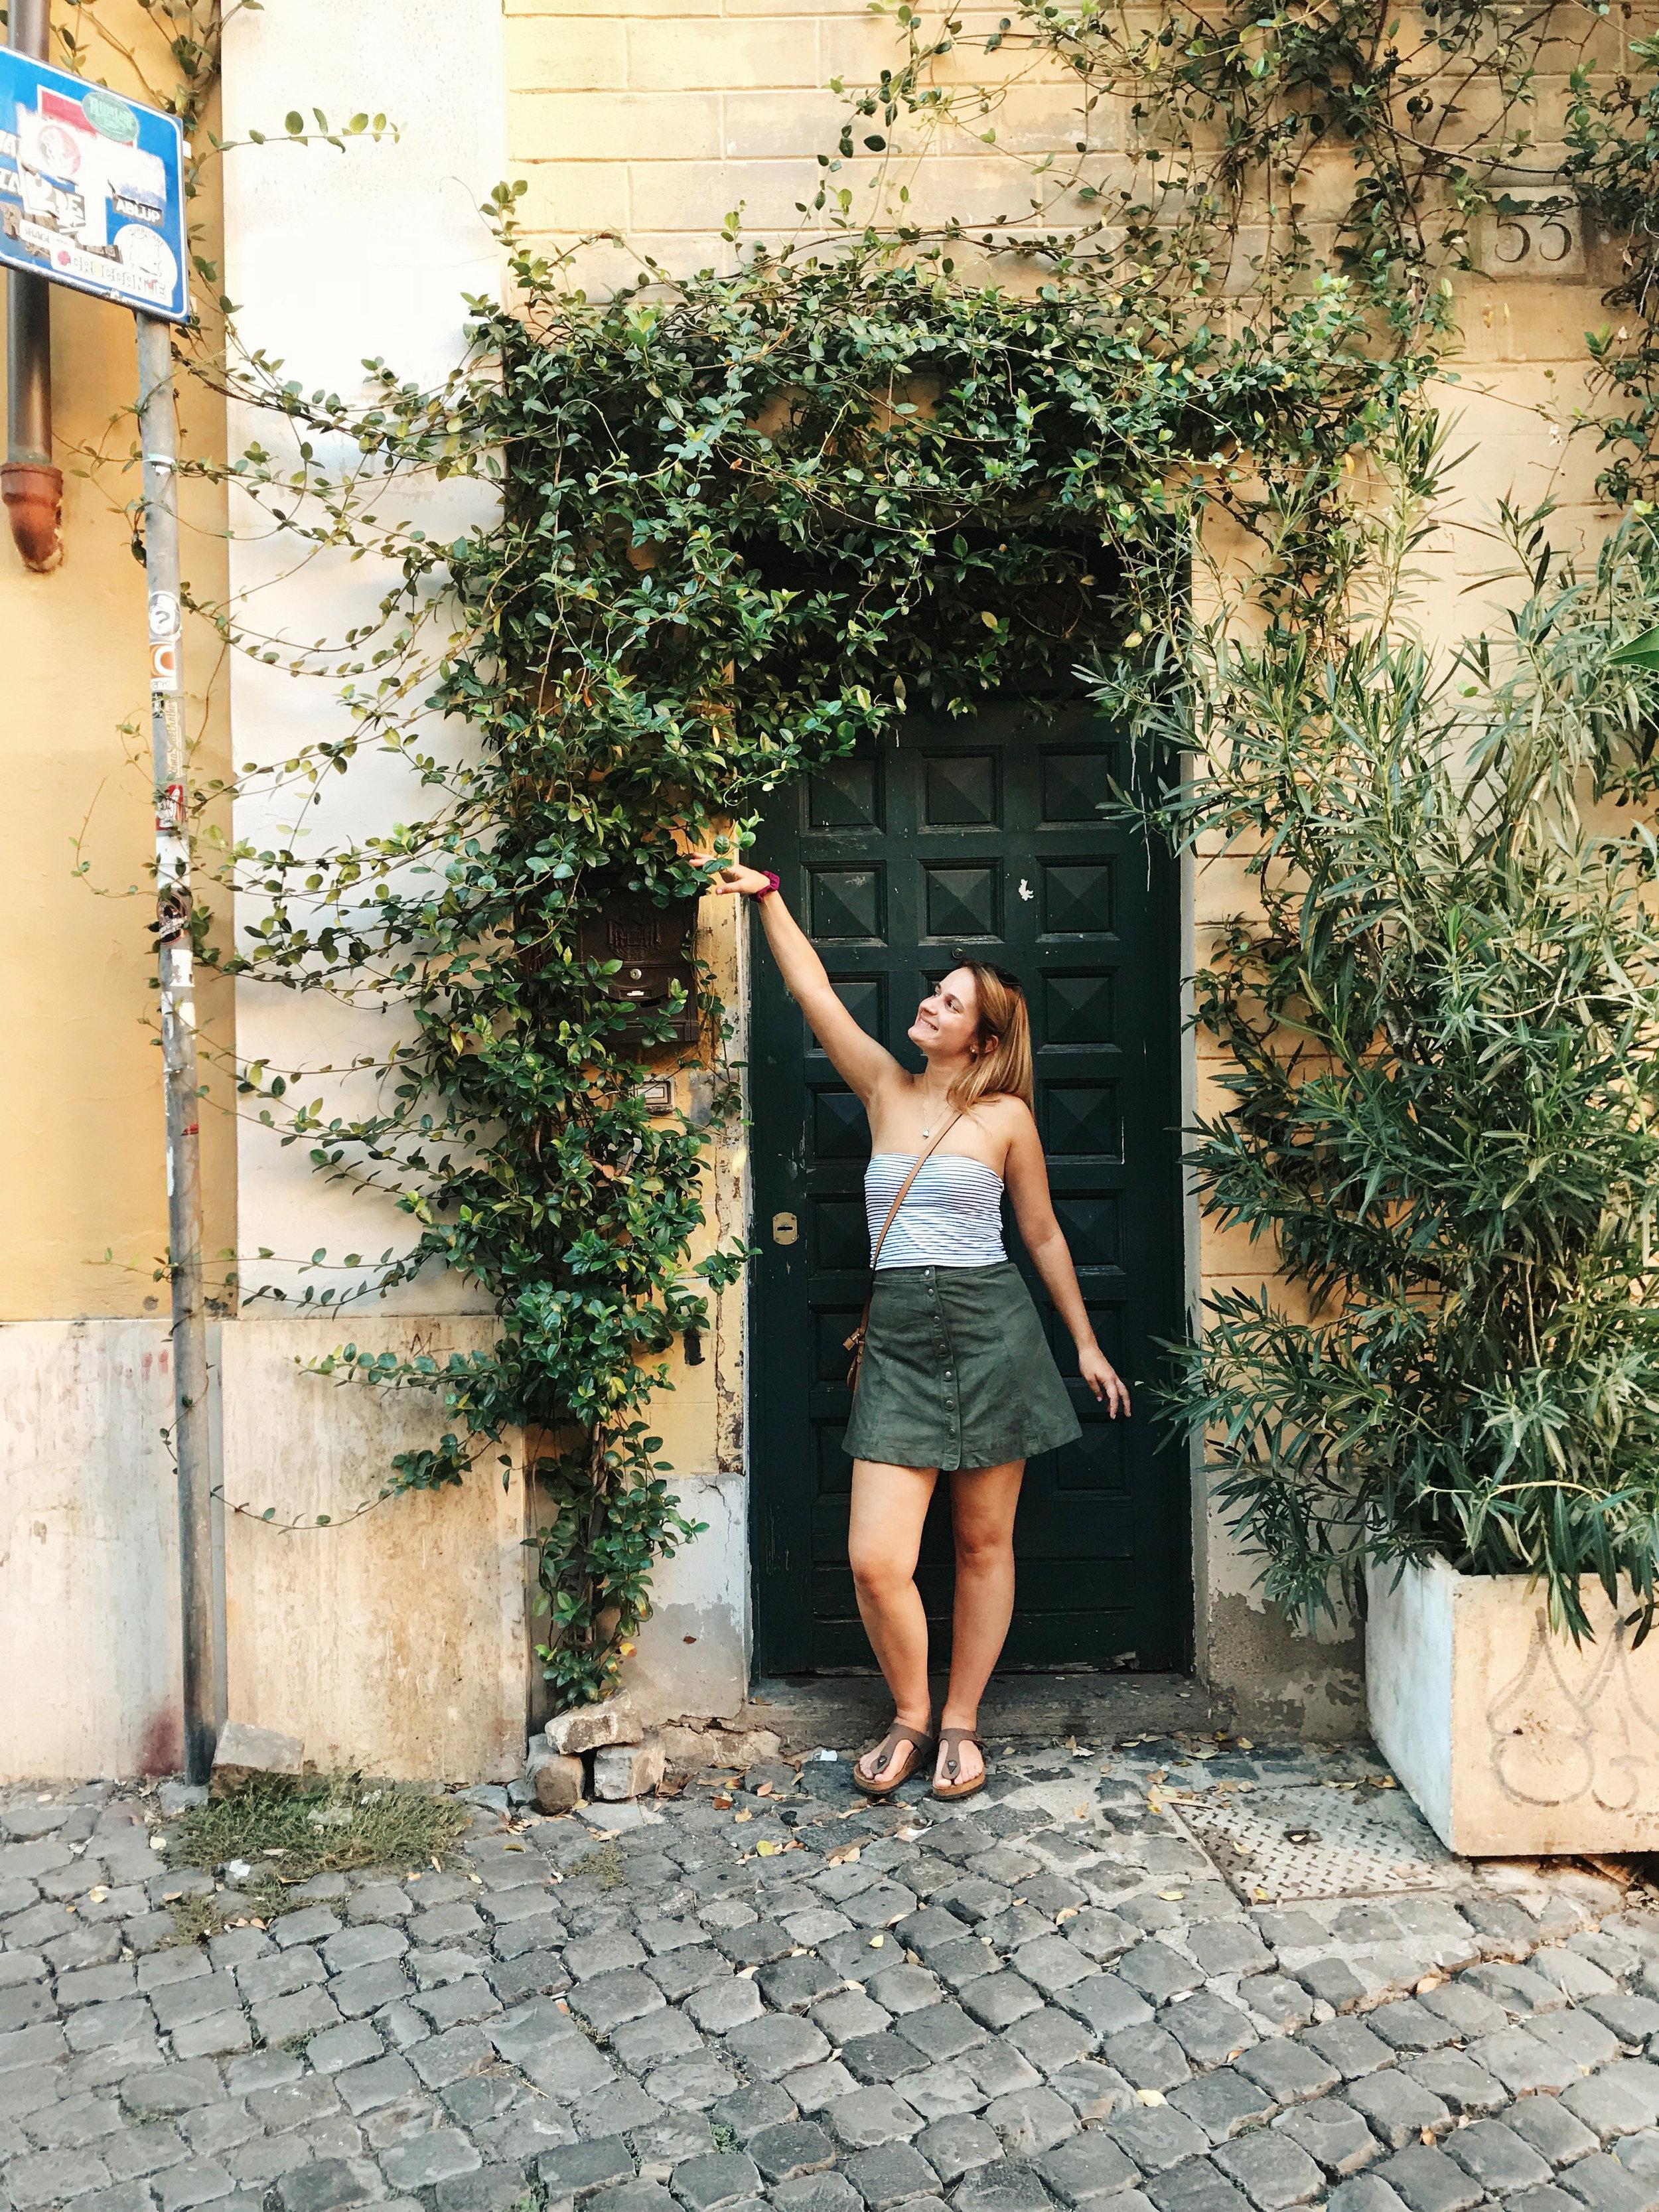 Italy-Positano-Rome-Amalfi-Coast-Lena-Mirisola-6.JPG